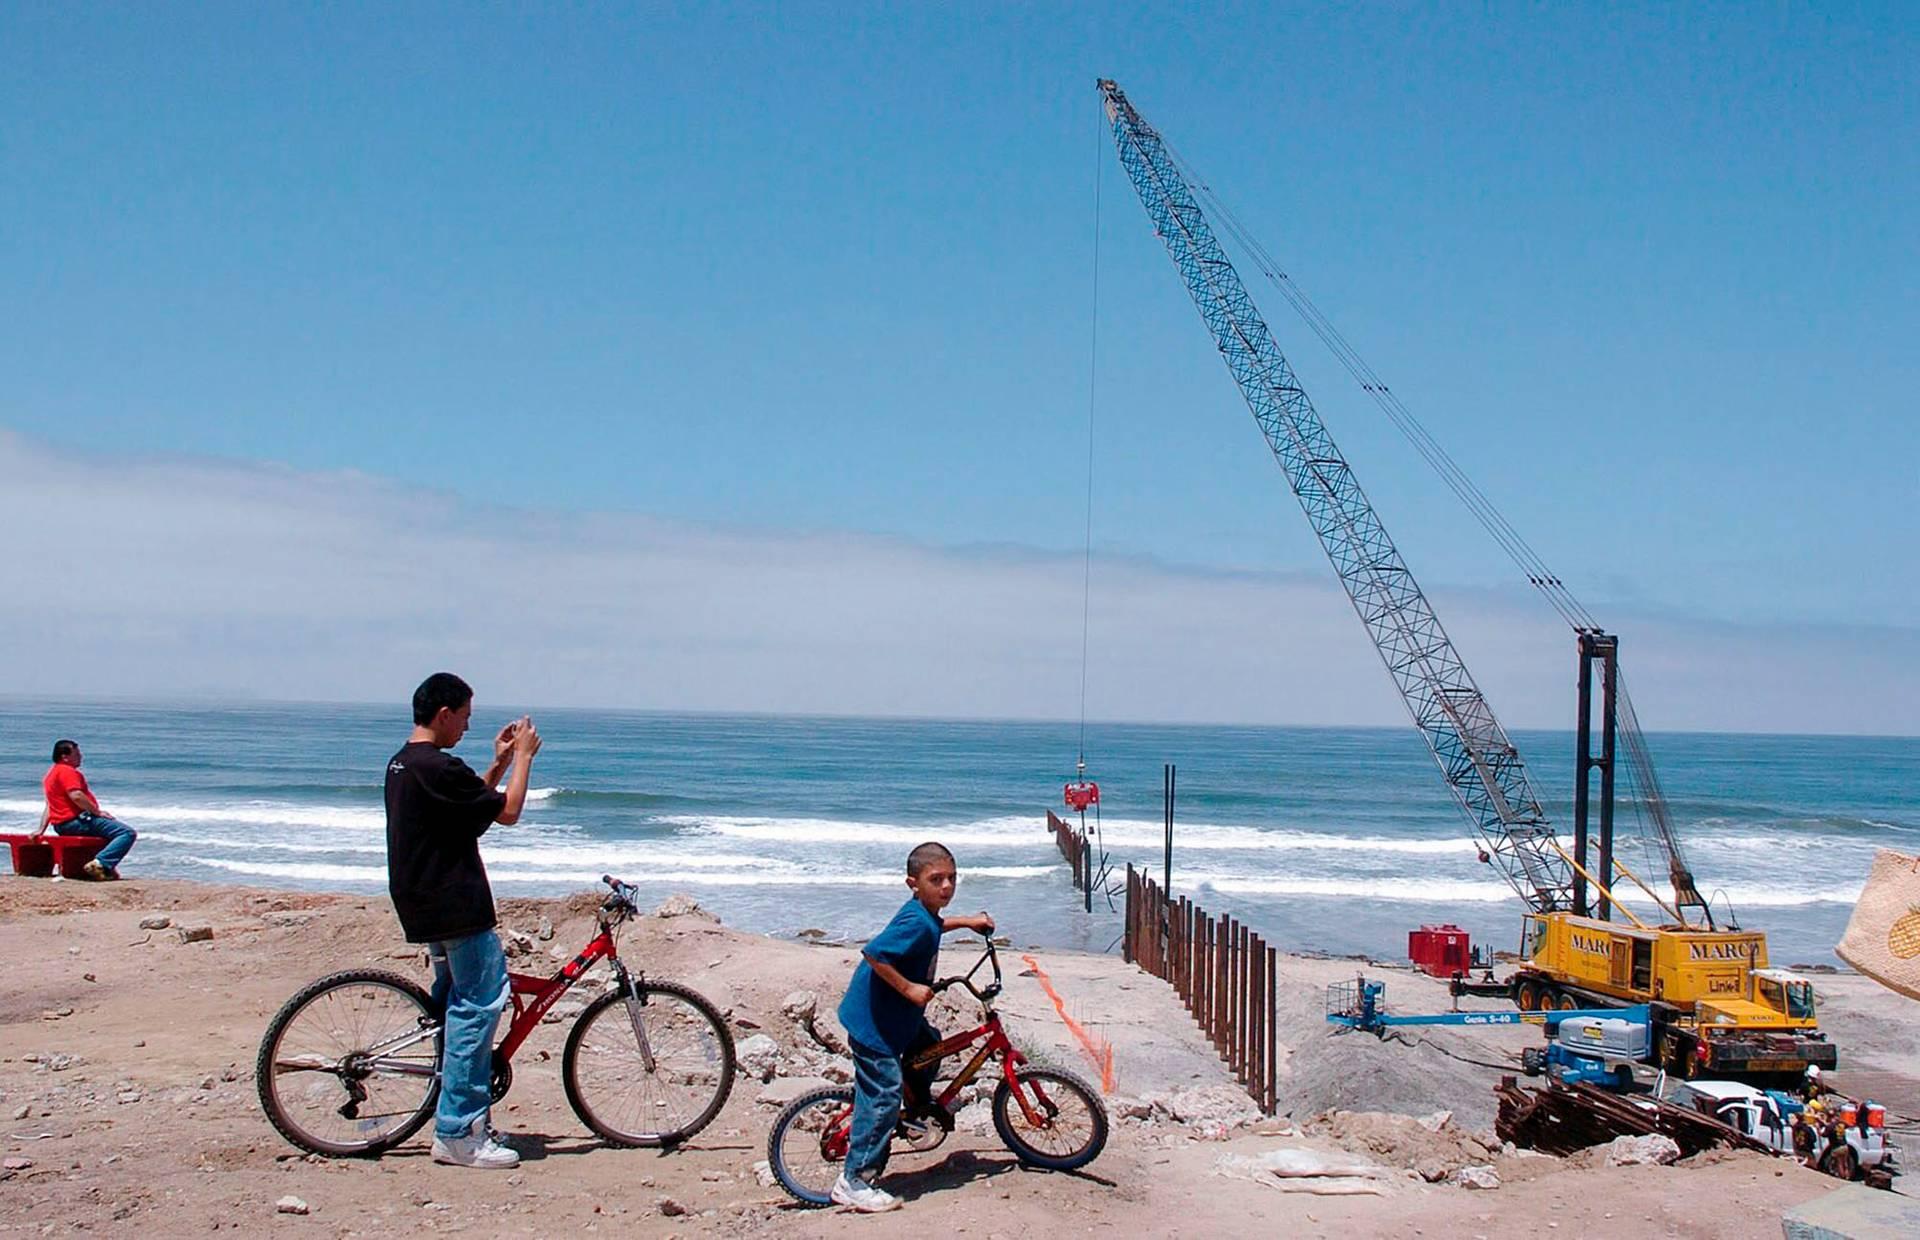 Мешканці району Плайяс-де-Тіхуана спостерігають за будівництвом прикордонної стіни між Мексикою та США, чстина якої на березі океану, Тіхуана, штат Баха-Каліфорнія, Мексика, 23 червня 2005 року. Залізні прути розділяють Тіхуану із каліфорнійським містом Сан-Дієго у США